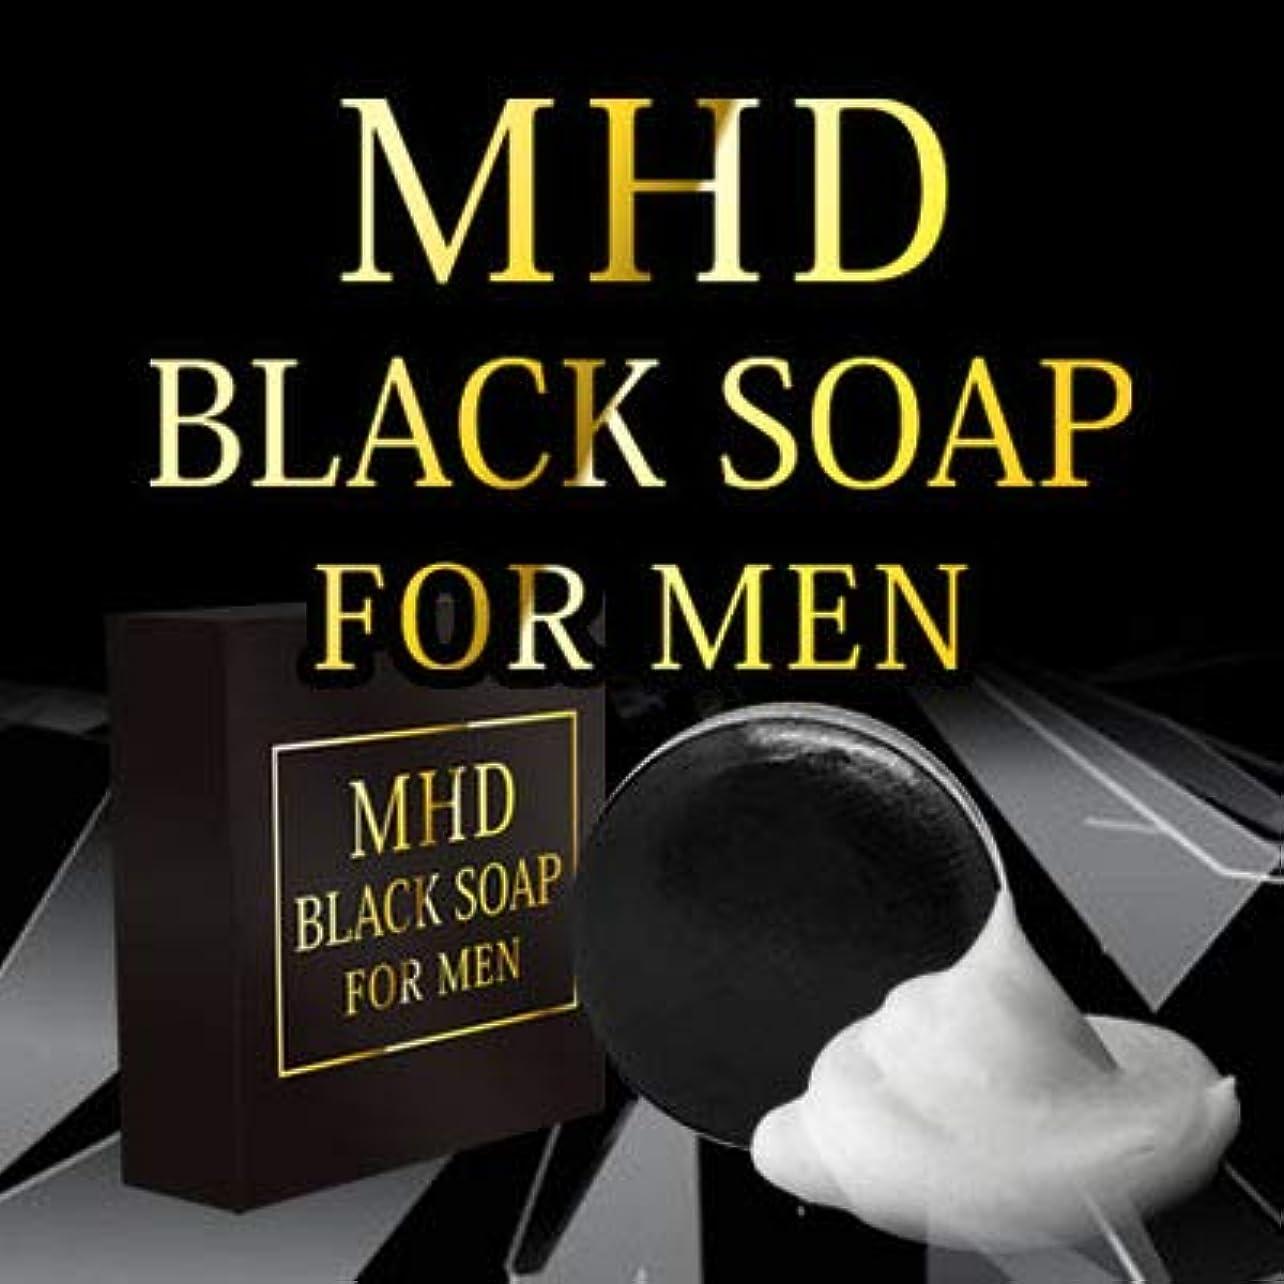 構成舗装早めるMHD石鹸(BLACK SOAP FOR MEN) メンズ用全身ソープ